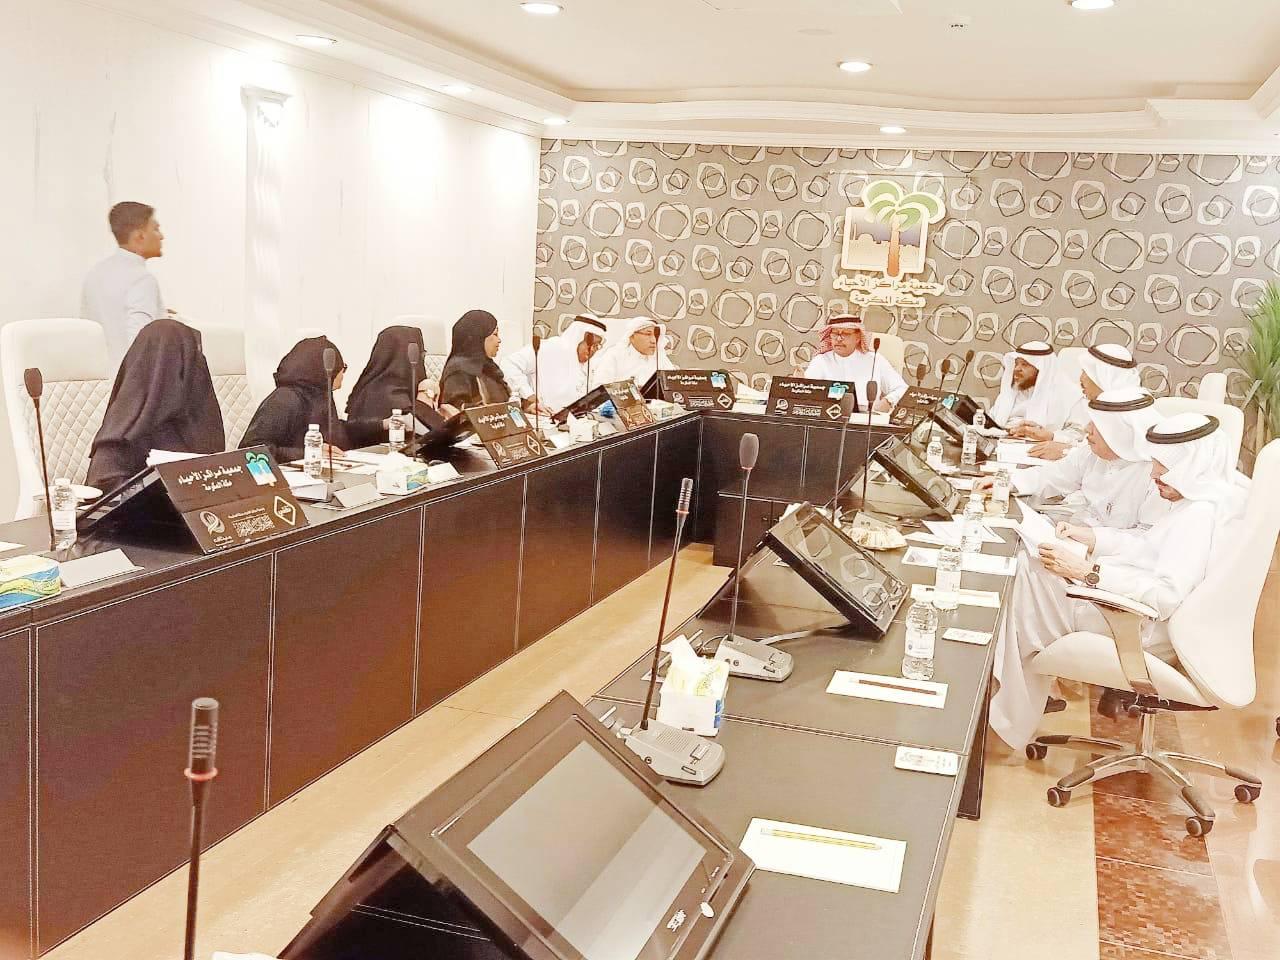 أعضاء الجمعية في الاجتماع. (عكاظ)